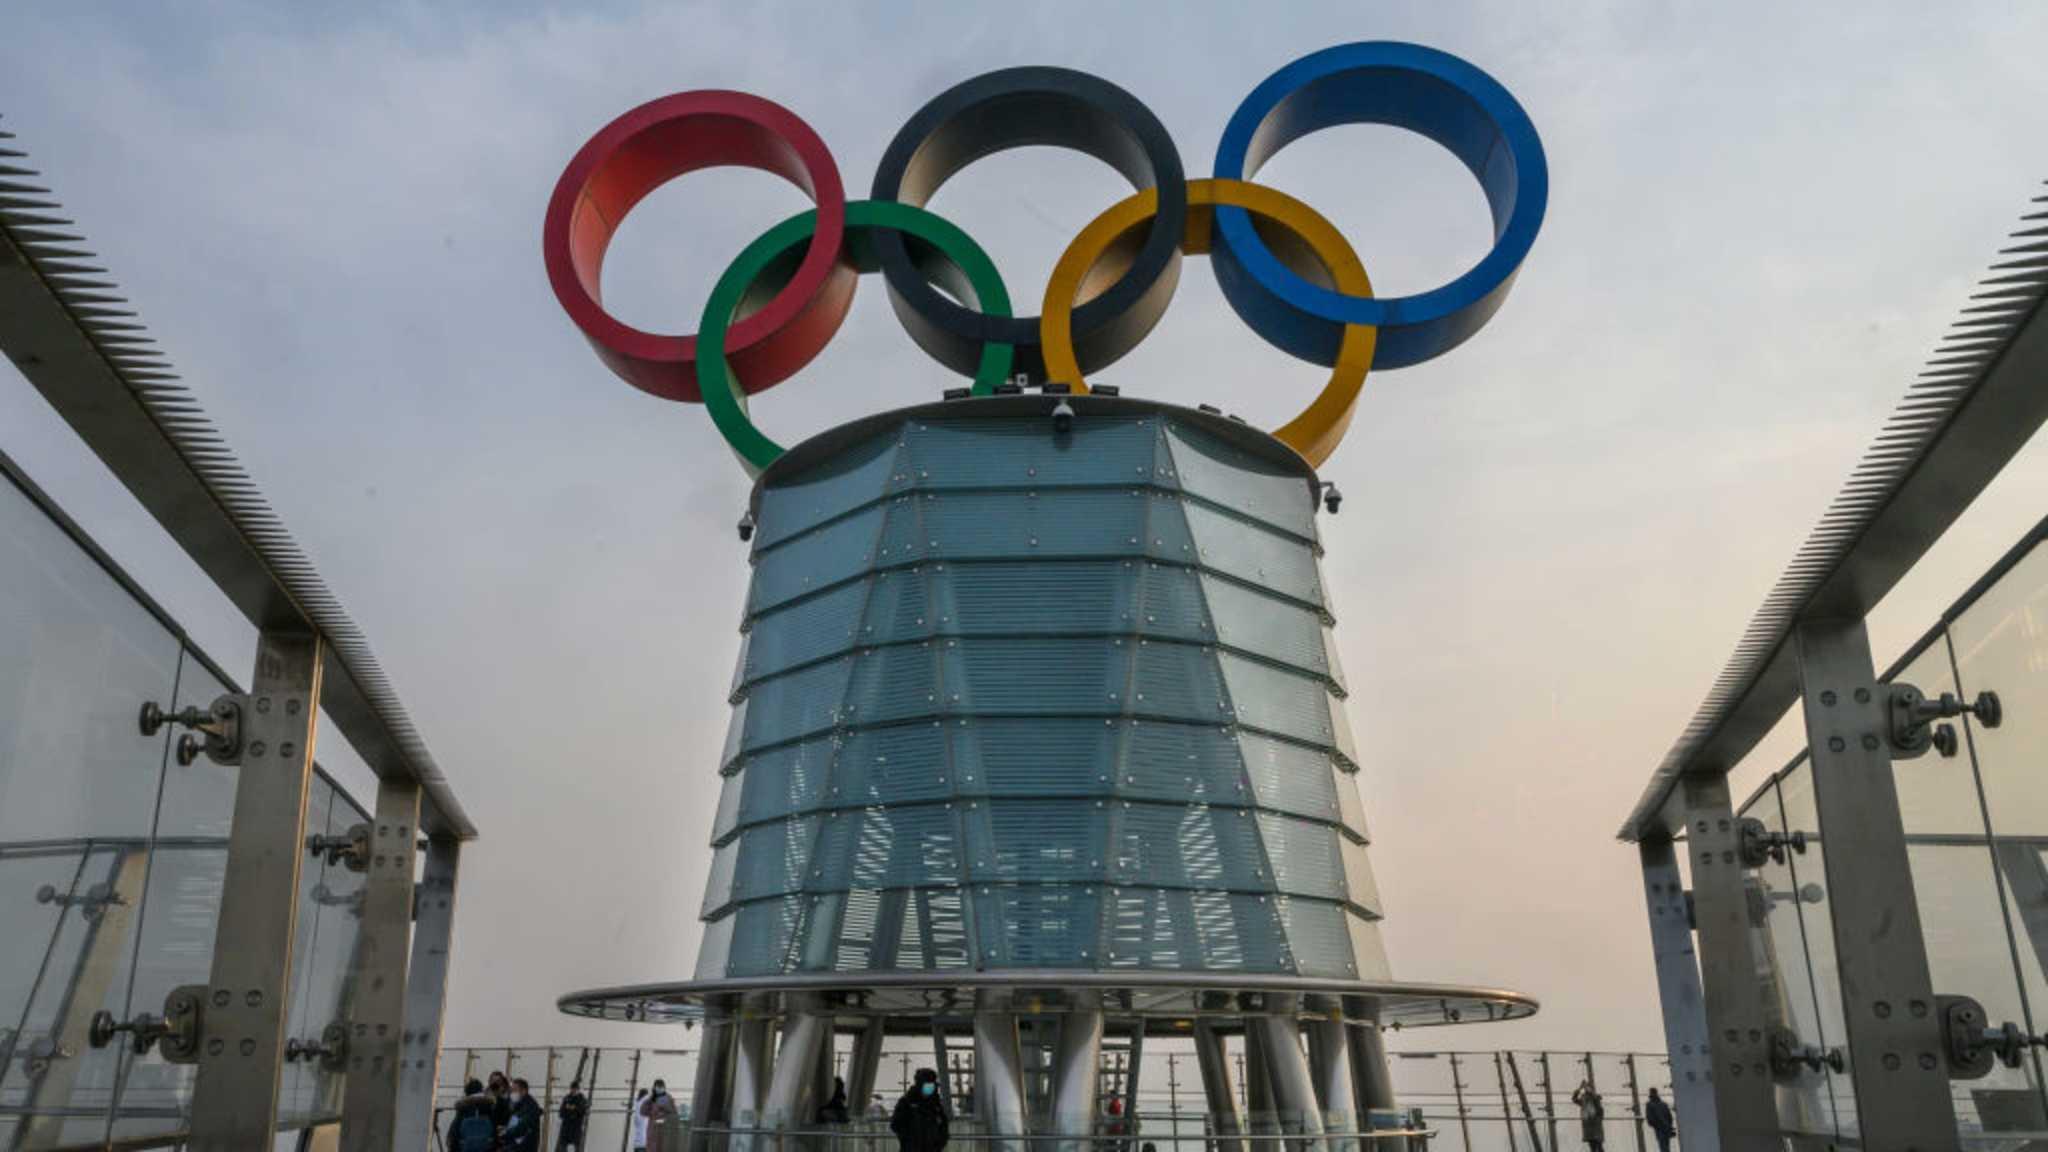 Бээжингийн Олимпын үеэр эрчим хүчний хэмнэлттэй, агаарт хаягдалгүй технологи ашиглана